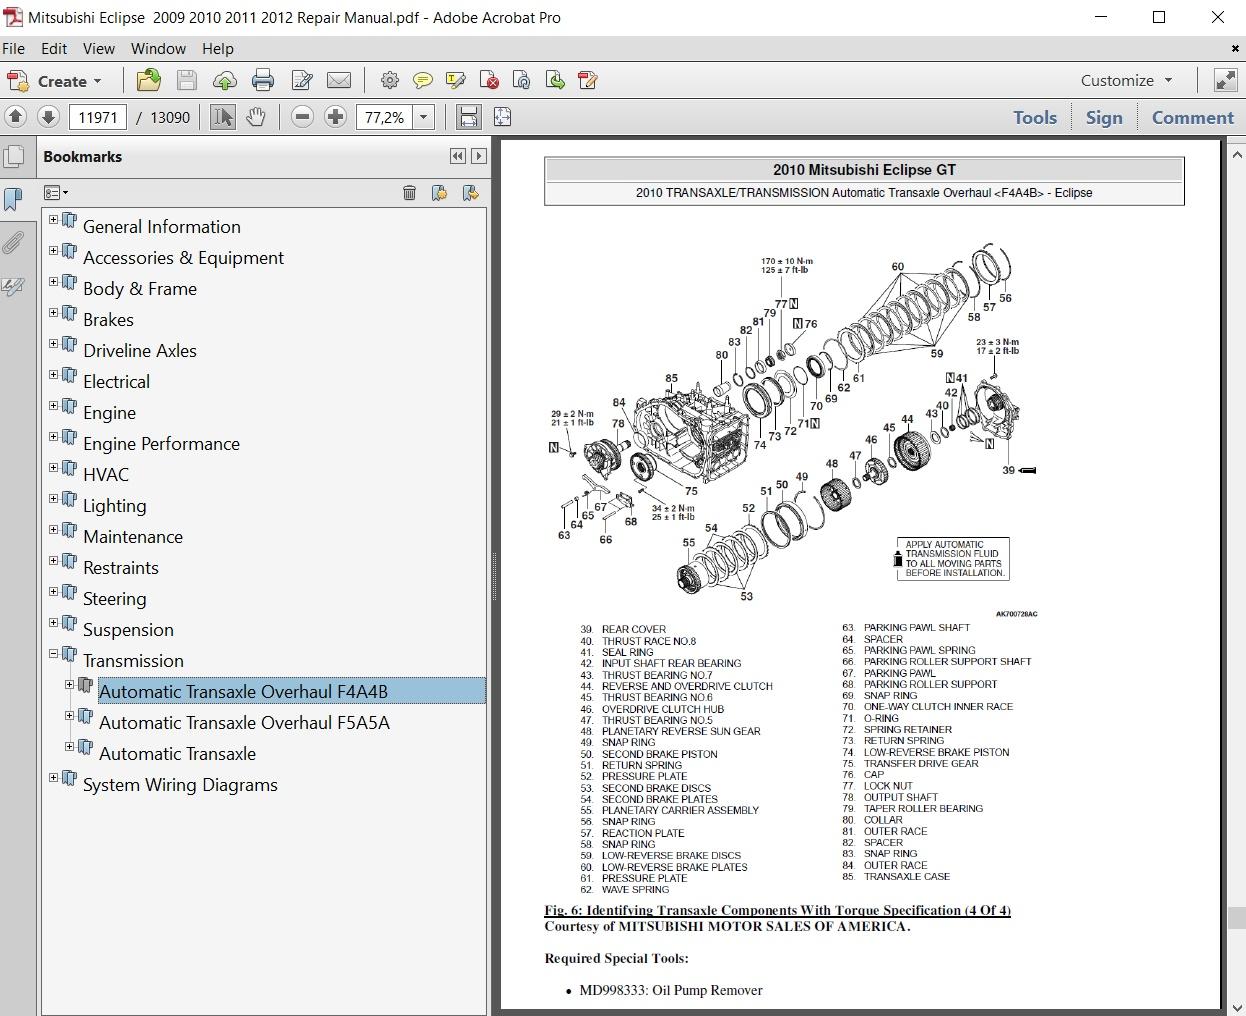 Mitsubishi Eclipse 2009 2010 2011 2012 Repair Manual ...